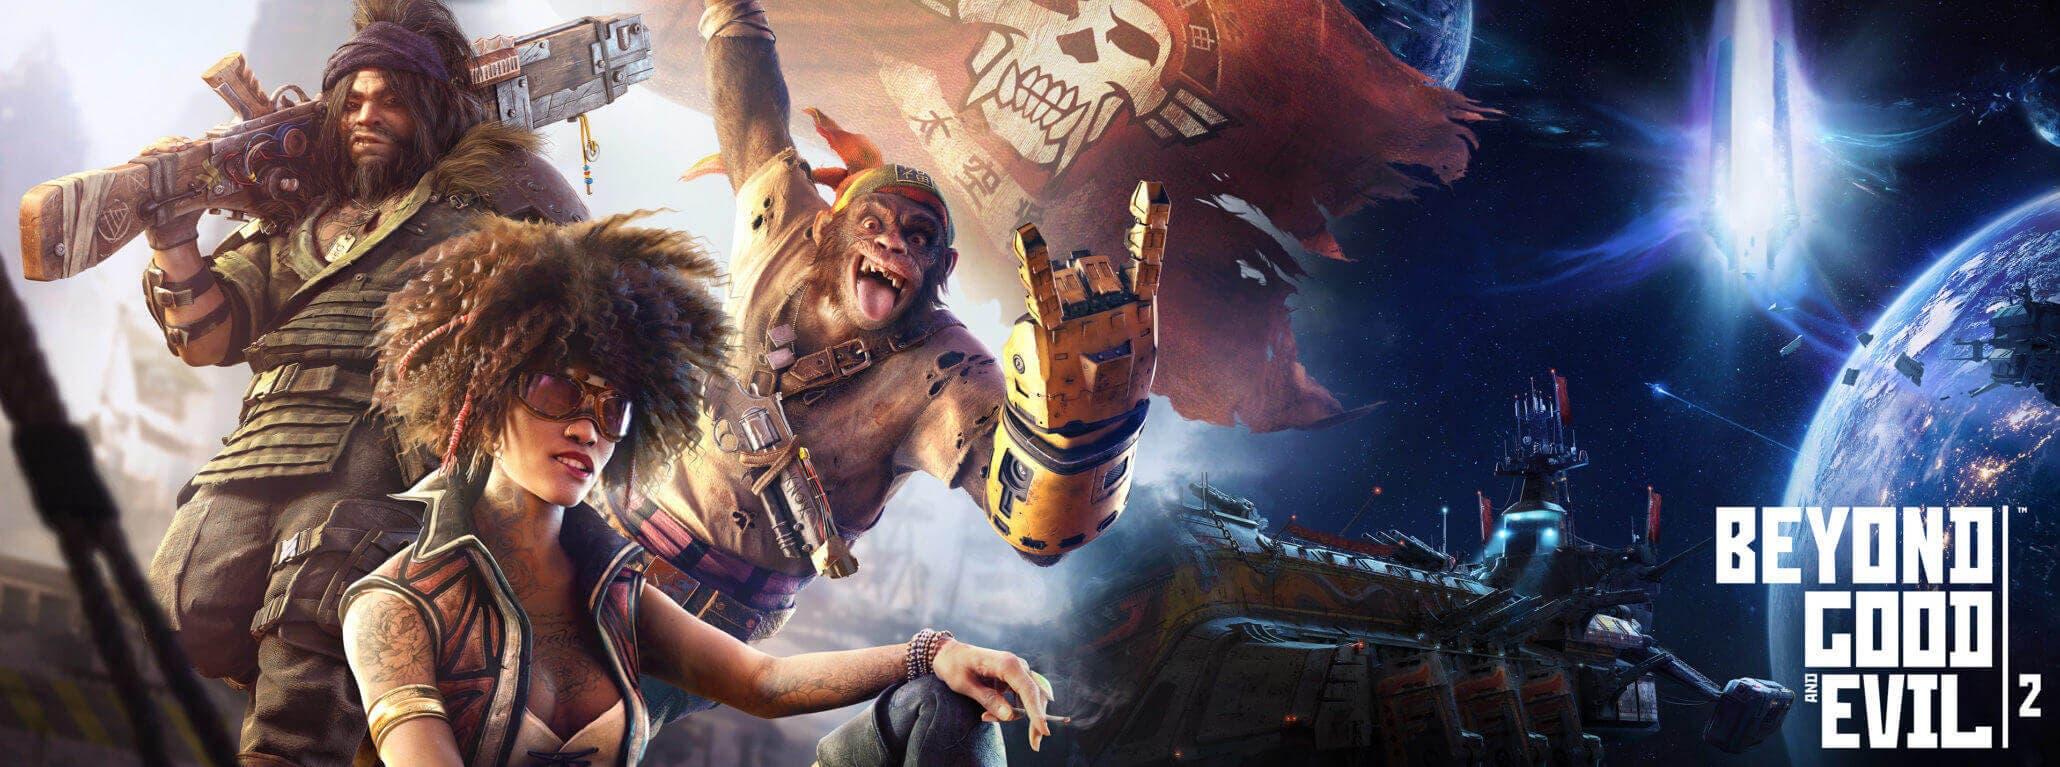 Todo lo que sabemos sobre Beyond Good & Evil 2, la nueva aventura espacial de Ubisoft 2